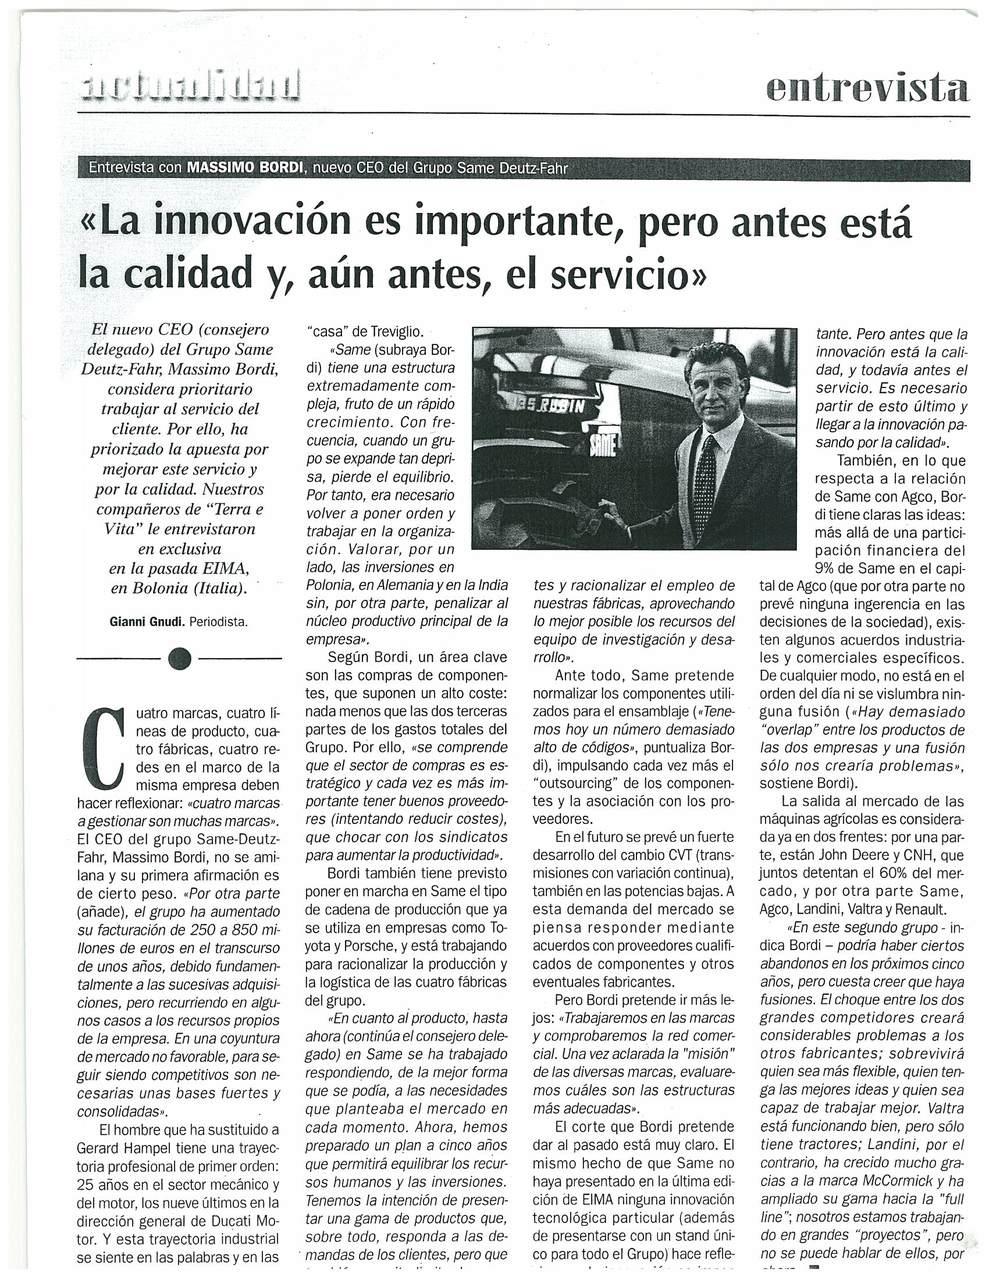 """""""La innovacion es importante, pero antes està la calidad y, aun antes, el servicio"""""""